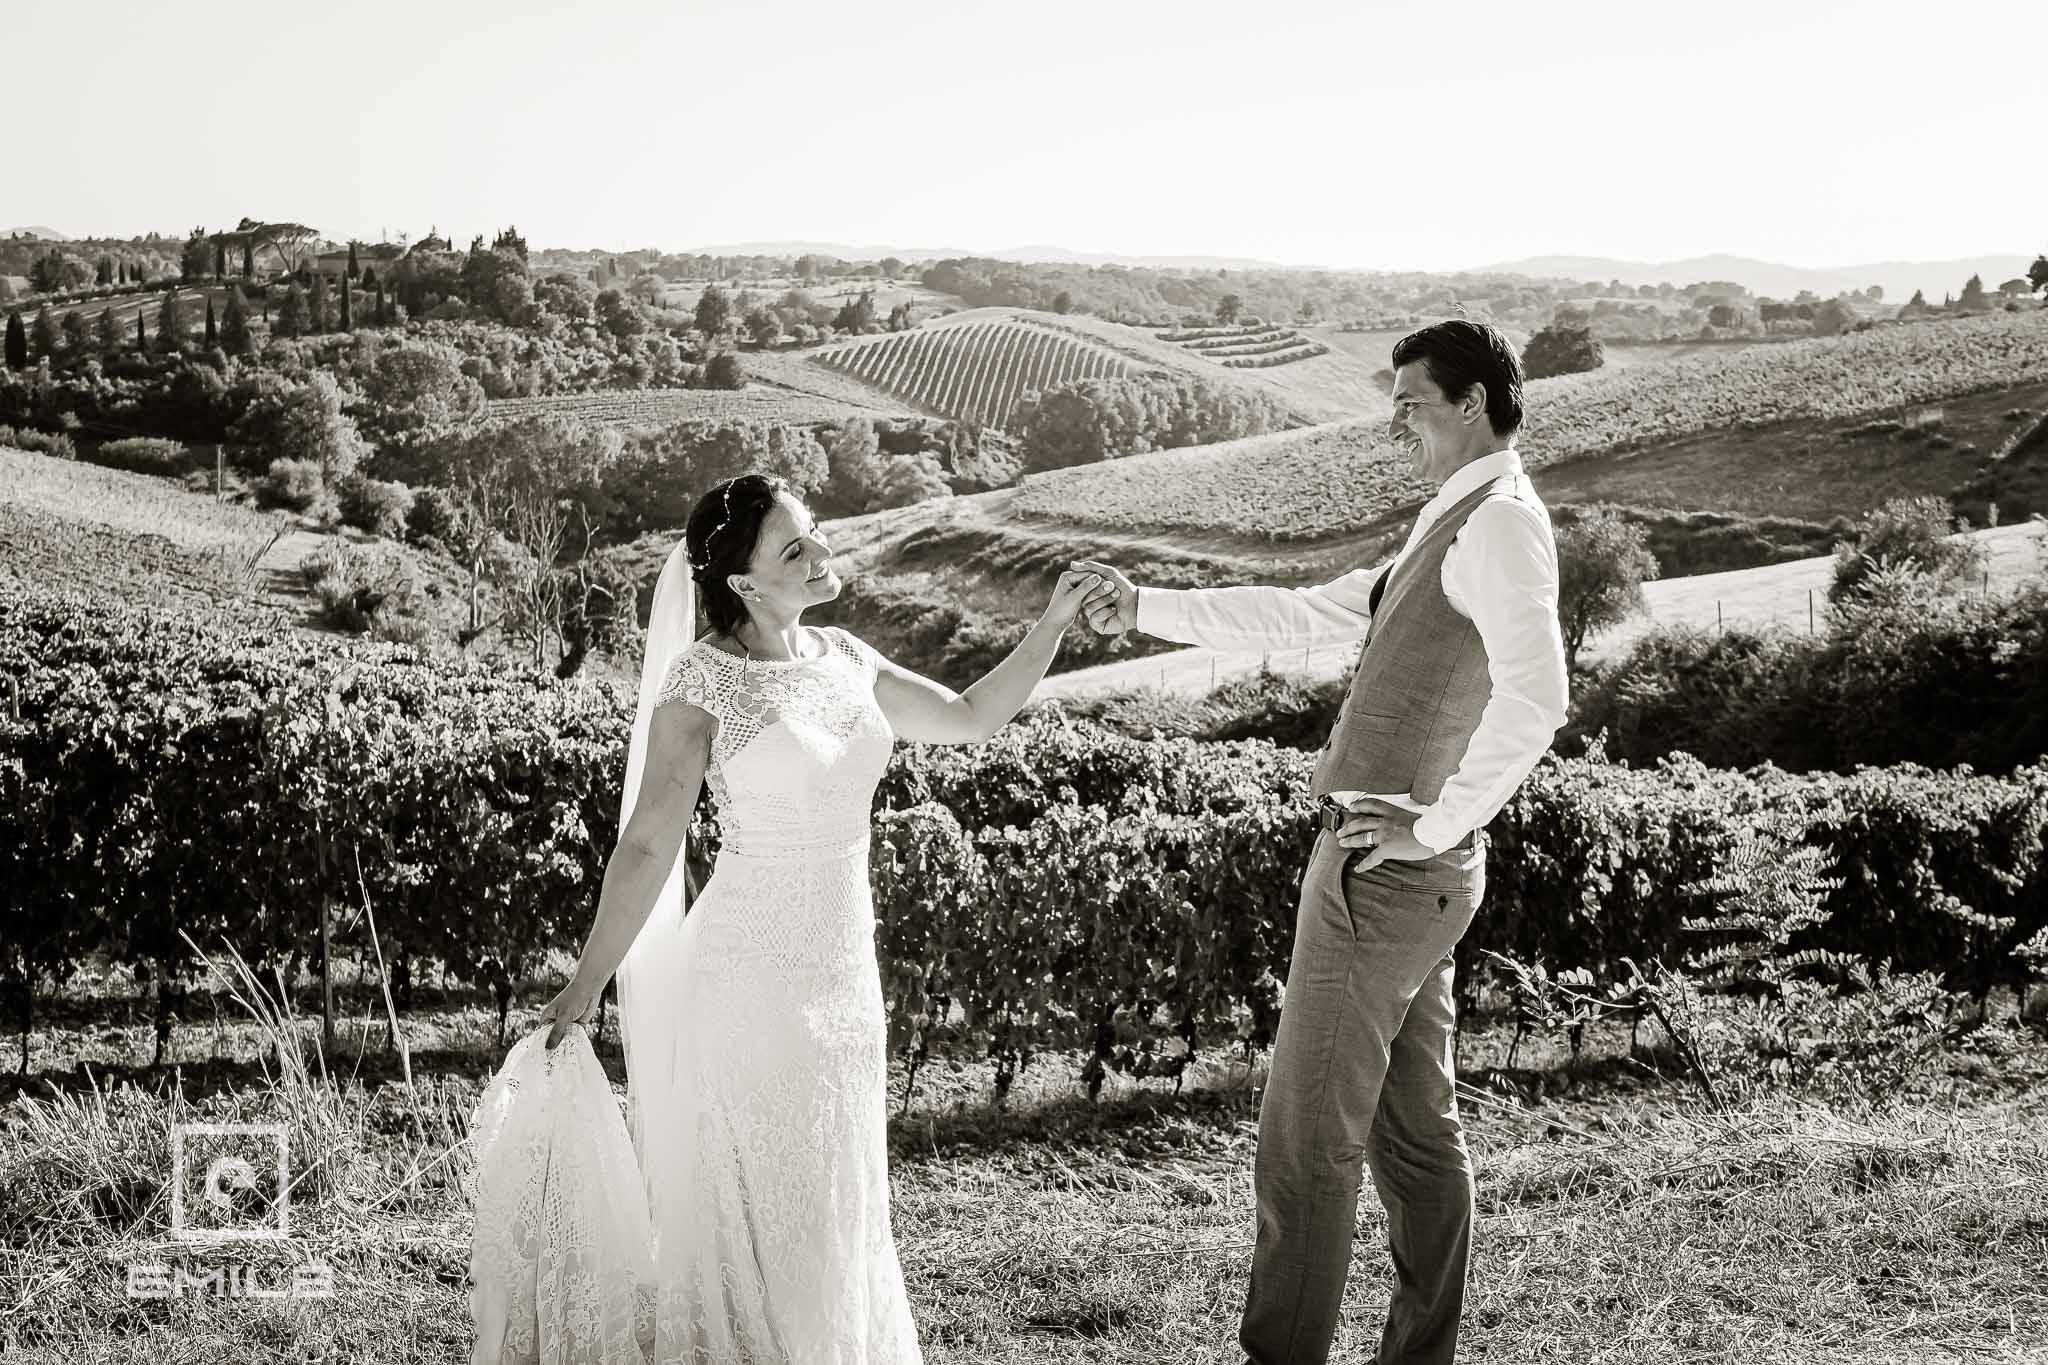 Bij de wijnvelden - Destination wedding San Gimignano - Toscane Italie - Iris en Job